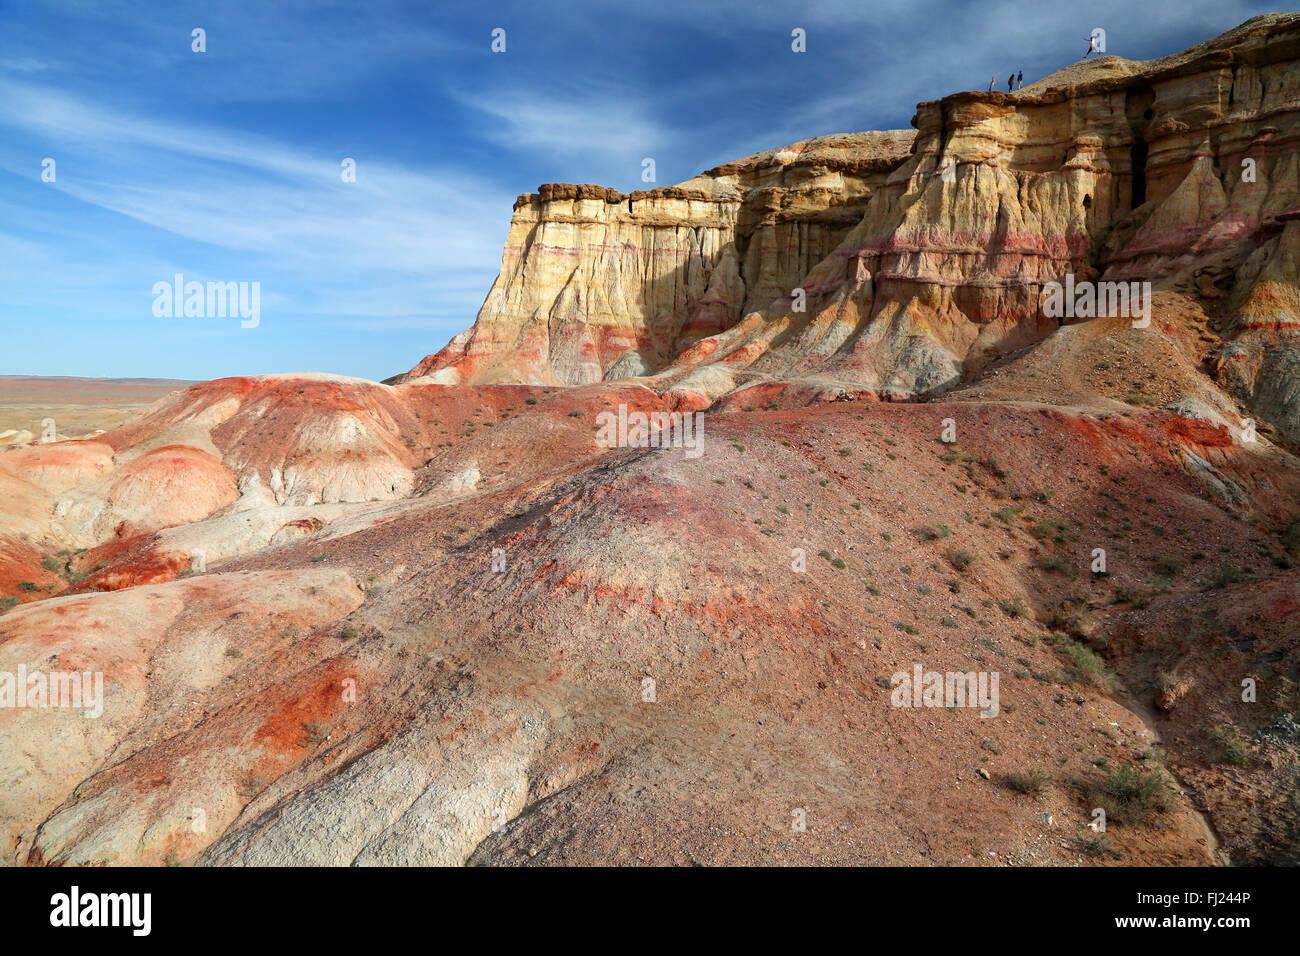 Tsagaan Suvarga - tolle Landschaft und Ort in der Mongolei, im Südosten der Summe Ölziit entfernt an der Stockbild